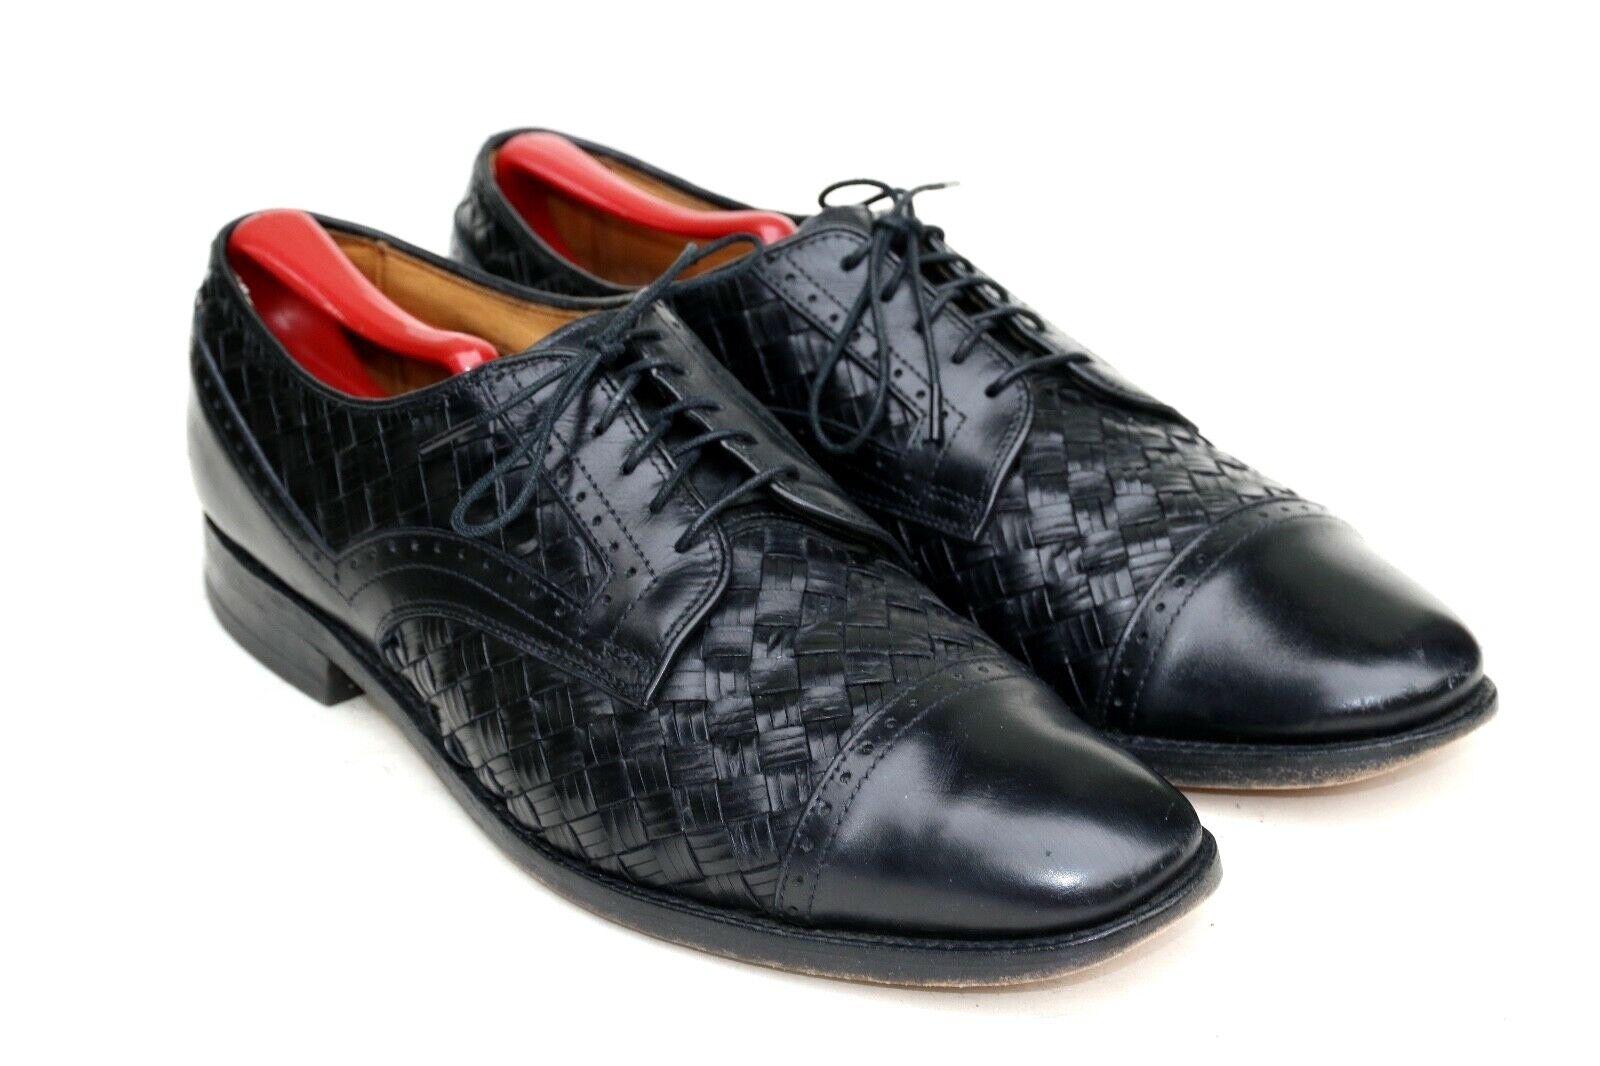 alta qualità e spedizione veloce Allen Edmonds Crandon nero Leather Woven Cap Cap Cap Toe Oxford Dress scarpe 3304 SZ 10B  prezzo all'ingrosso